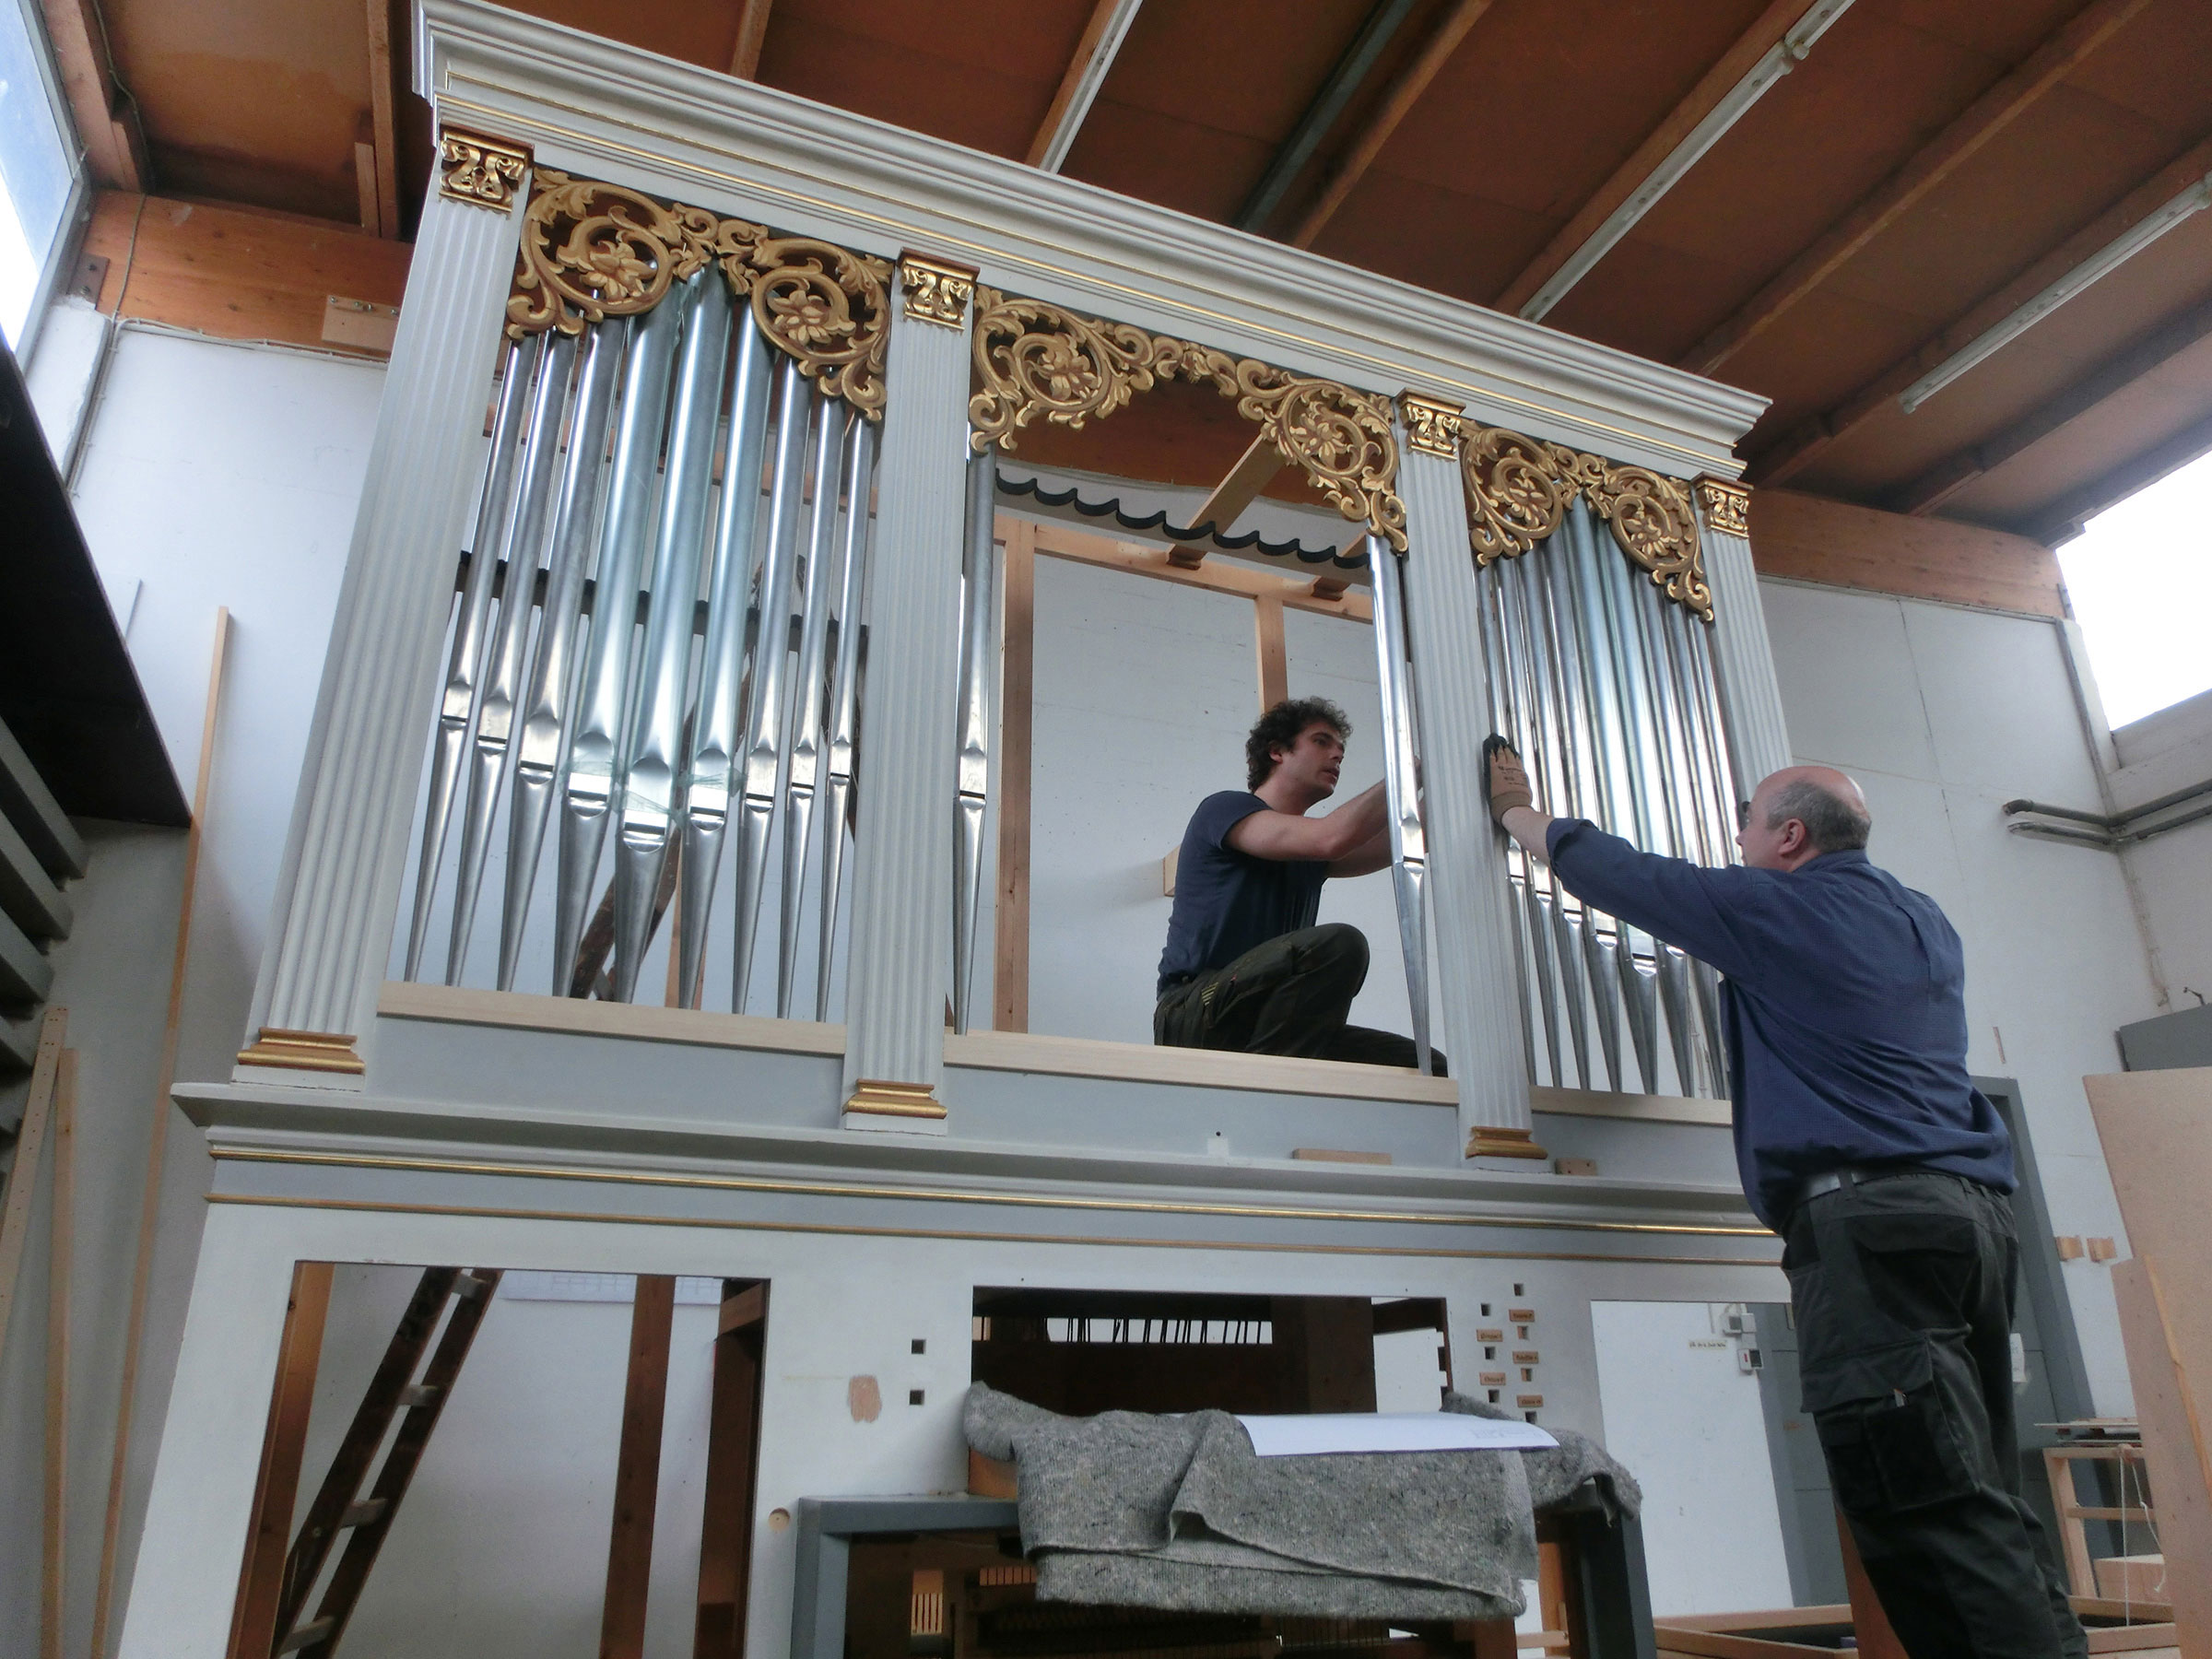 Waake Ev. luth. Pfarrkirche Projekte Orgelbau Sauer und Heinemann Orgelbau Sauer und Heinemann Startseite